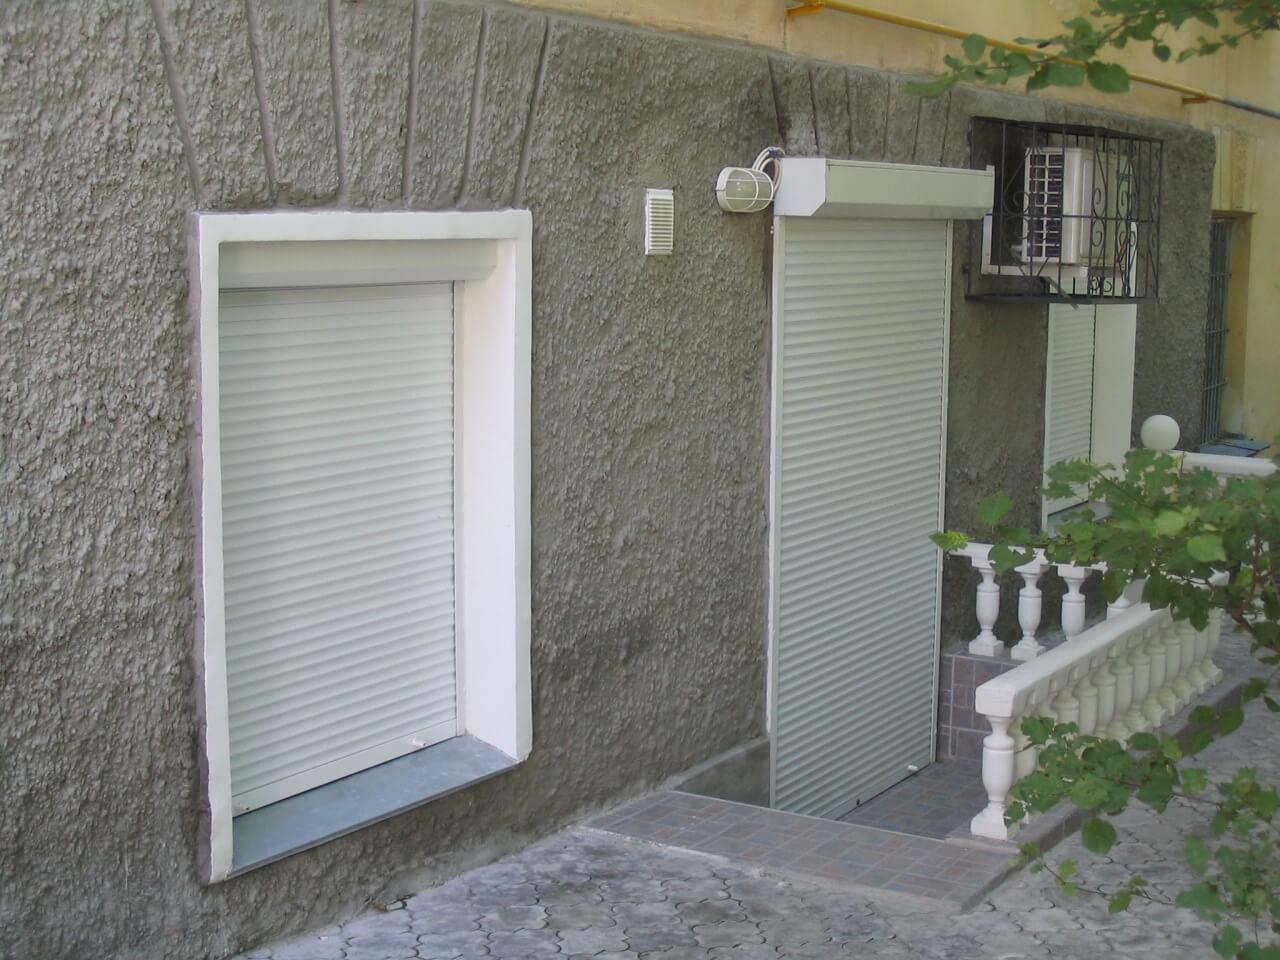 окна роллеты ворота двери